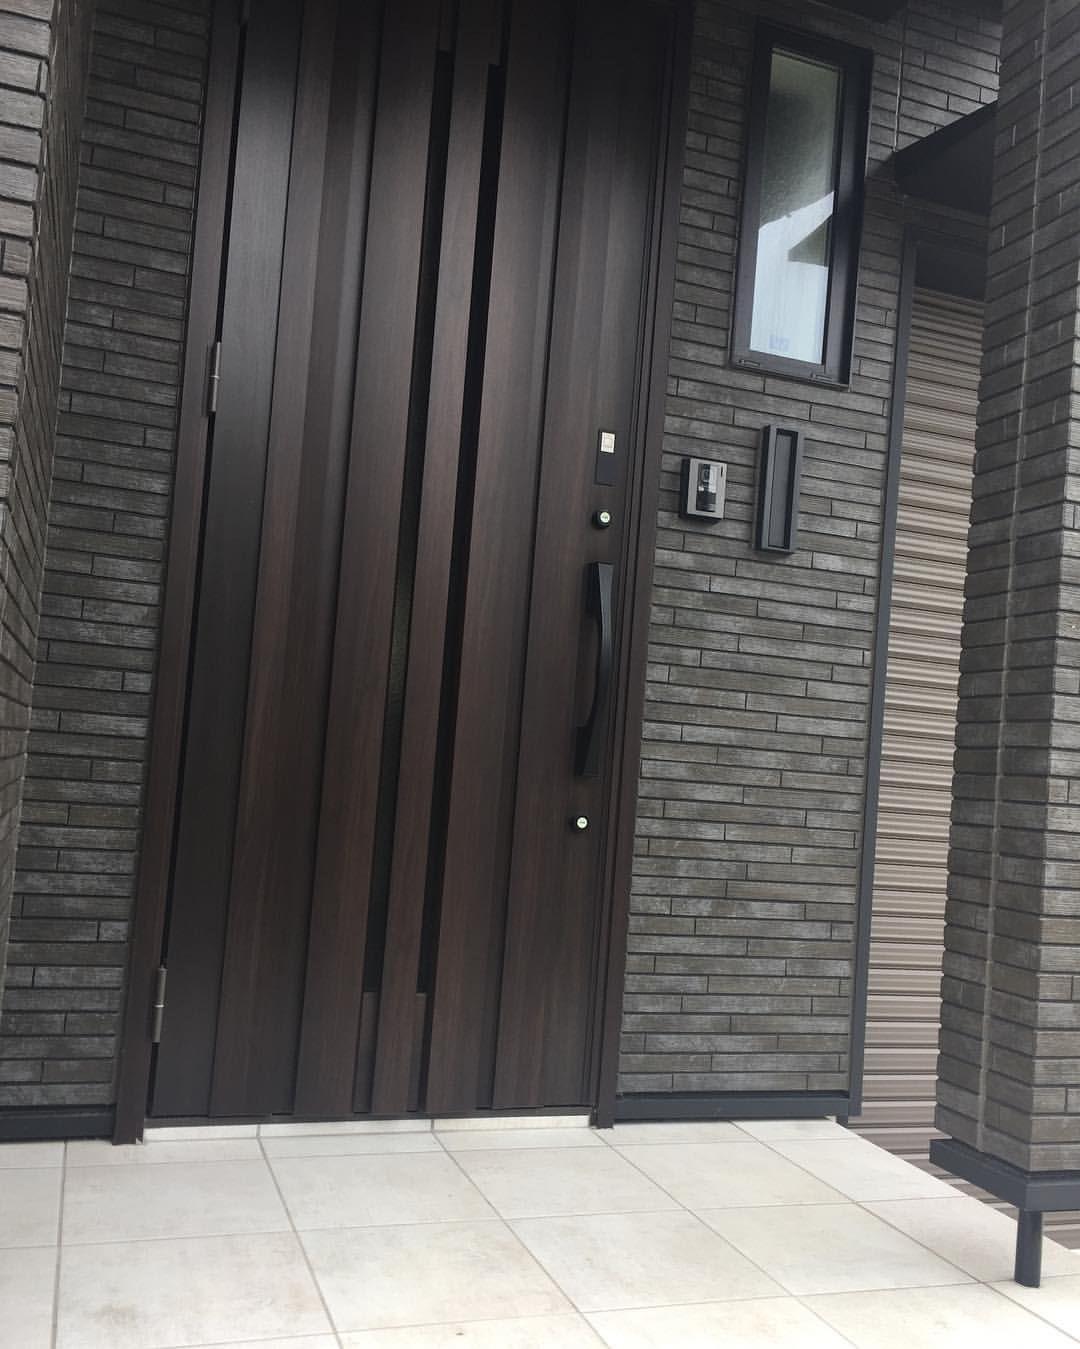 積水ハウス埼玉県m様邸の玄関に リクシル リシェント2 60mm高断熱ドア K1 5 を取り付けました Wooden Doors Entrance Doors Locker Storage